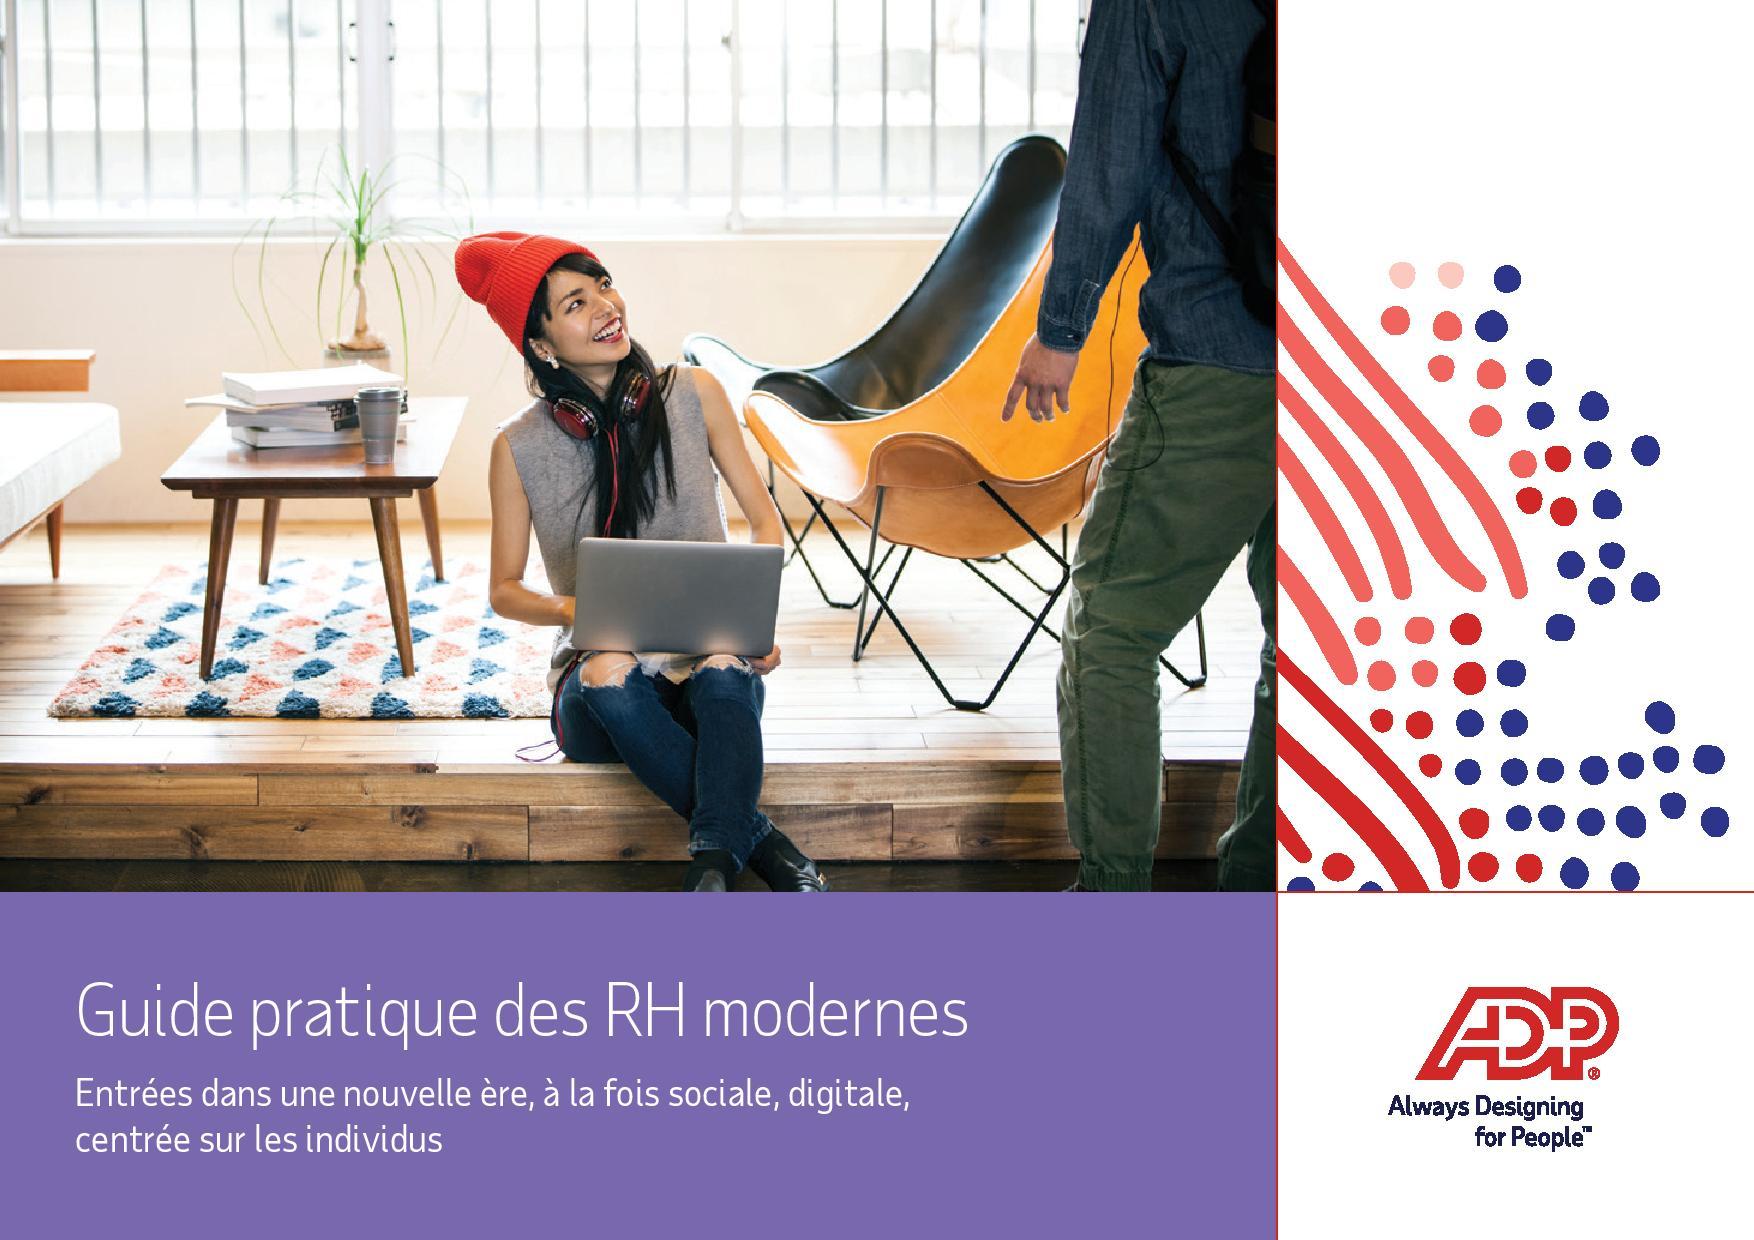 Guide pratique des RH modernes : Entrées dans une nouvelle ère, à la fois sociale, digitale, centrée sur les individus